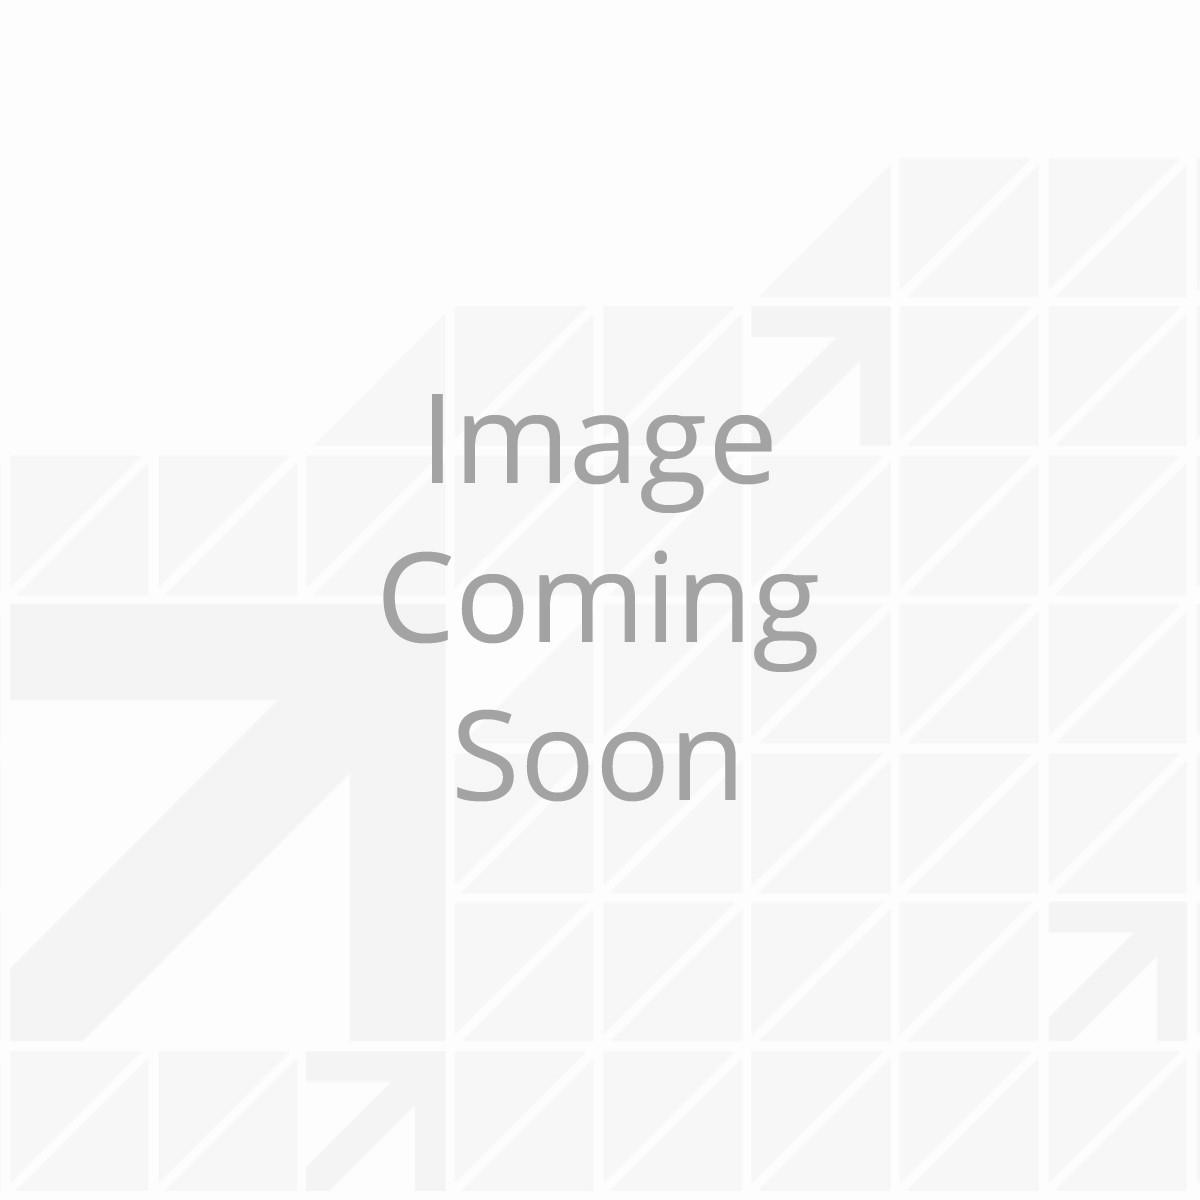 North Face Women's Zip-Up Jacket